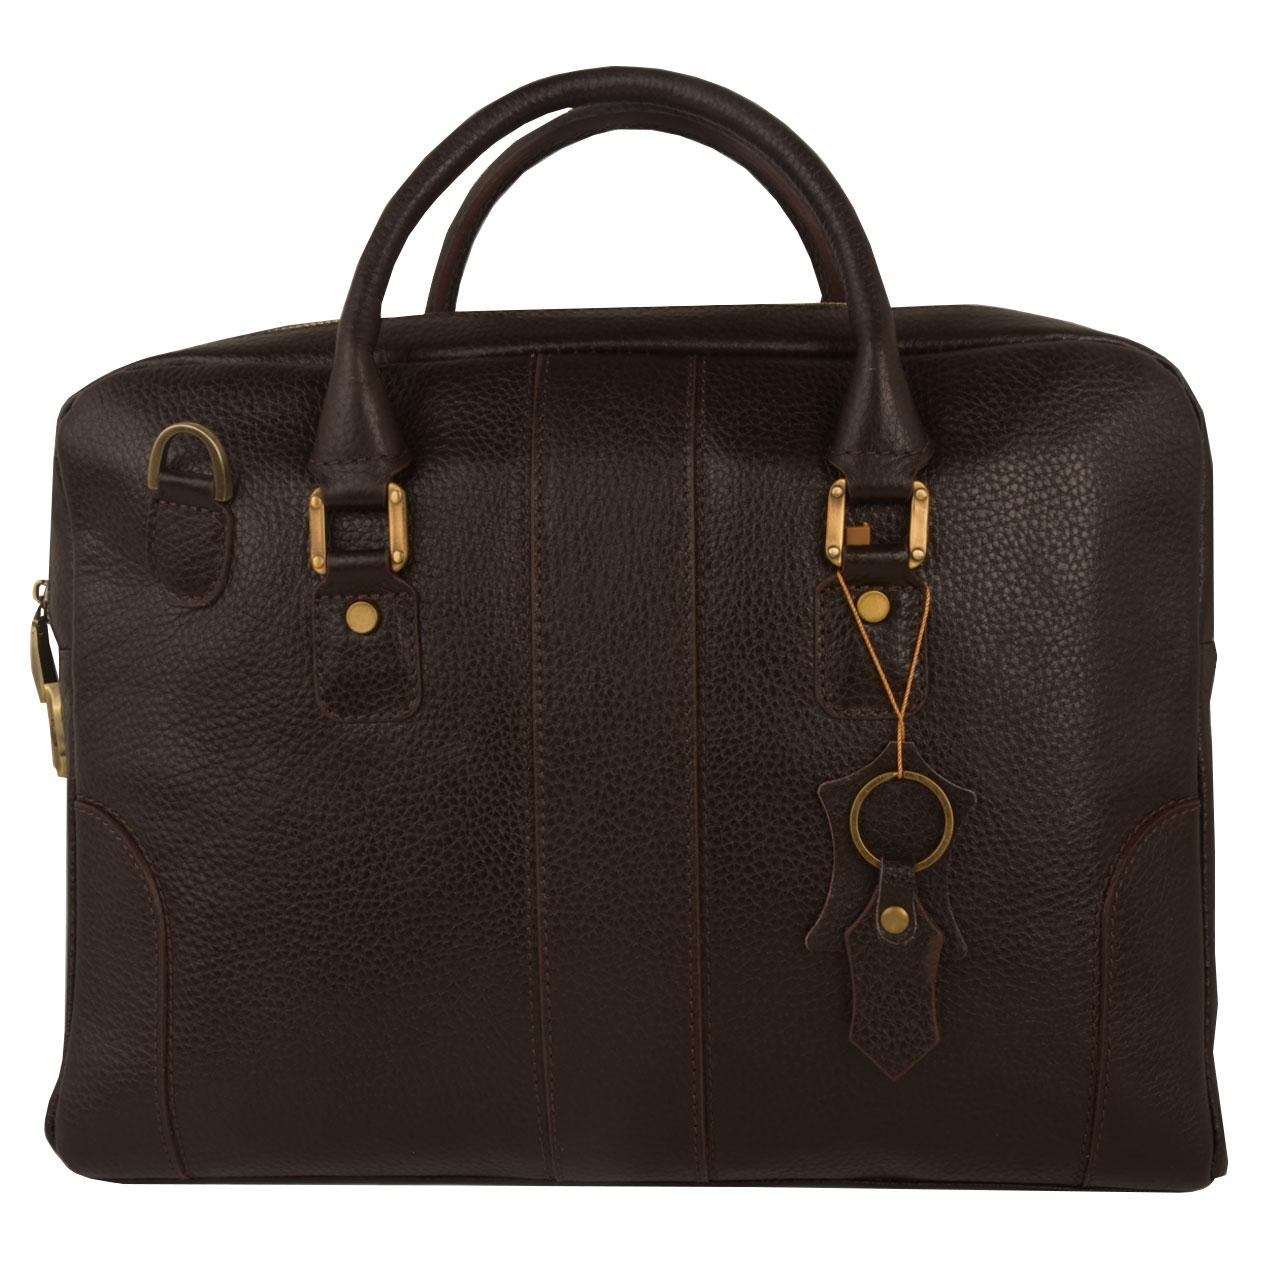 کیف اداری زنانه کهن چرم مدل  L155-15